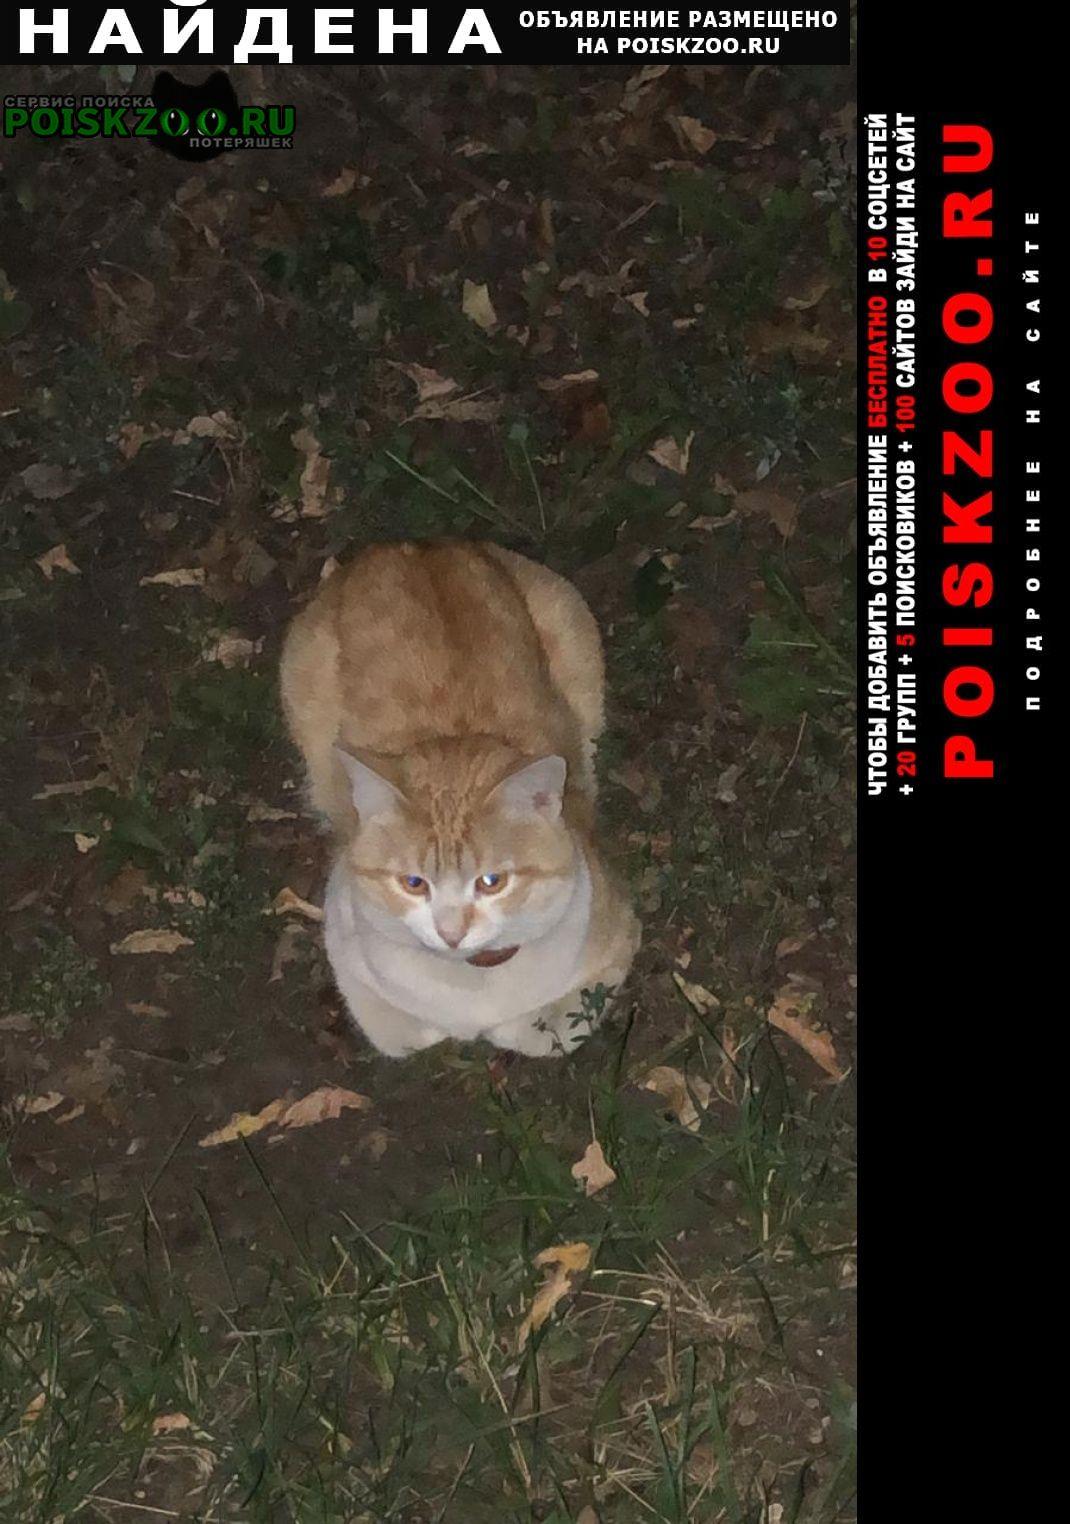 Найдена кошка рыжий с ошейником Москва